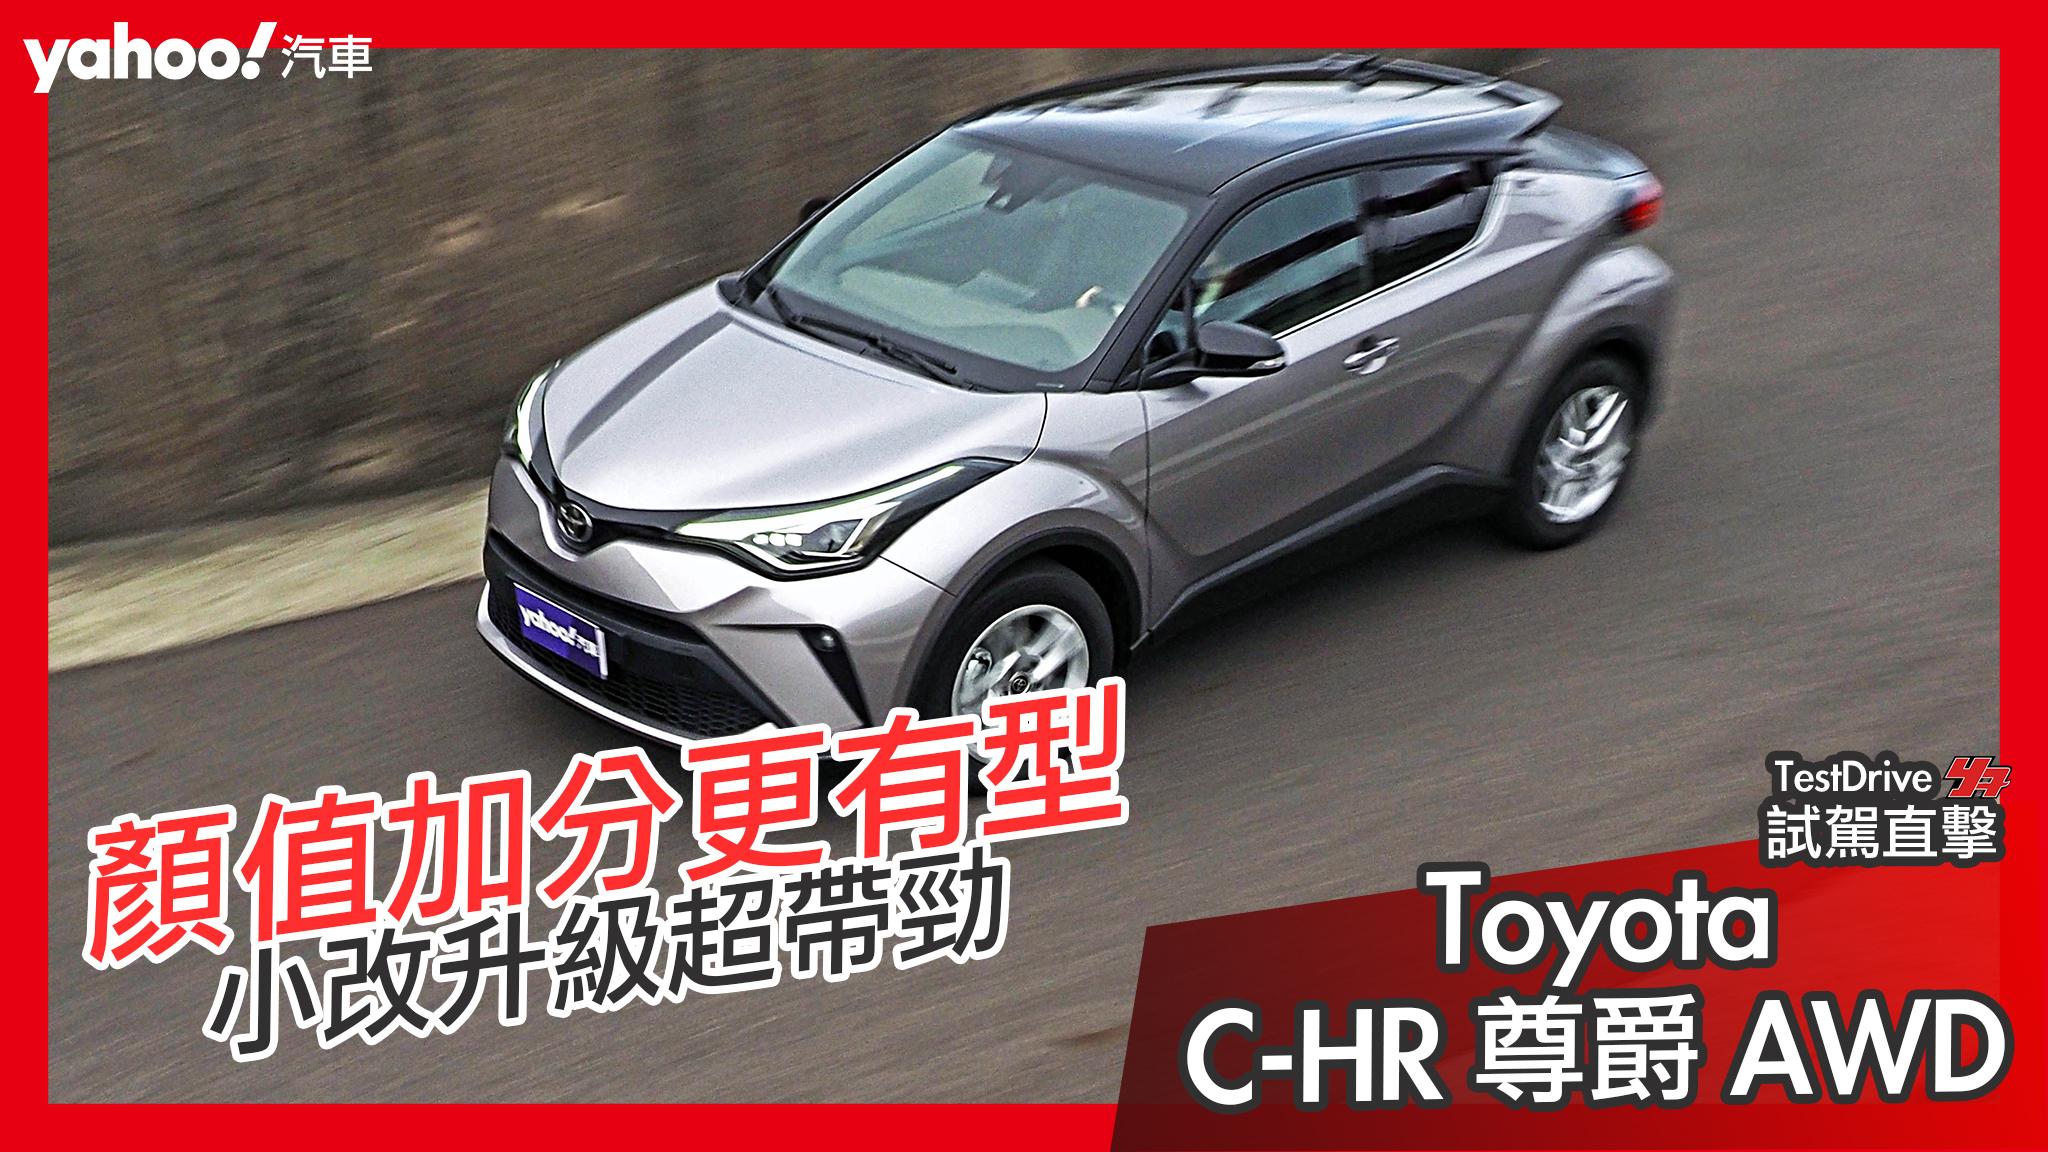 【試駕直擊】玩心四溢的視覺勁道力!2020 Toyota C-HR尊爵AWD小改款試駕!